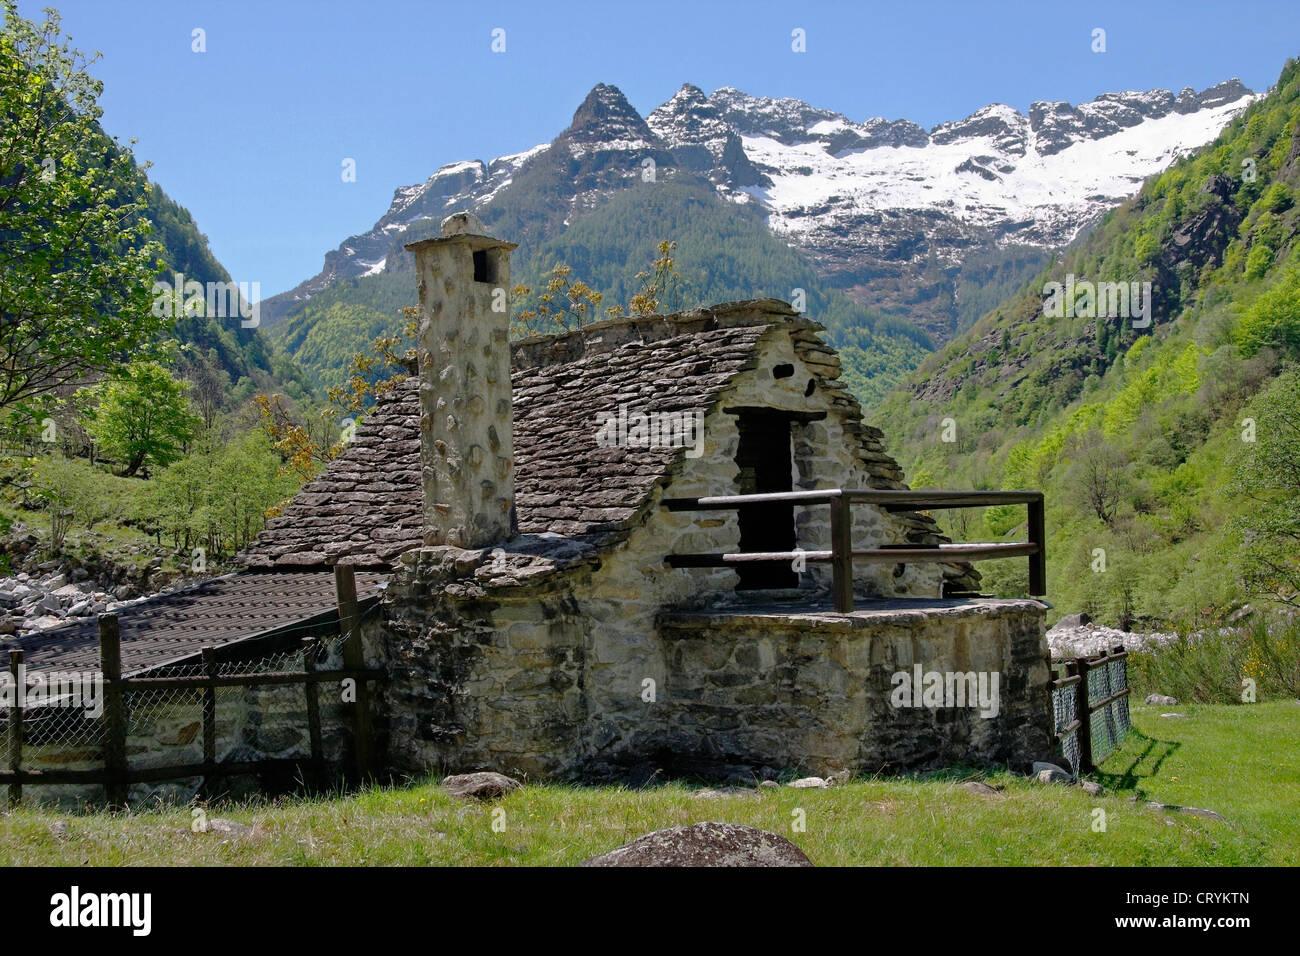 Rustico tradizionale casa di pietra - vegornesso valley - canton Ticino - Svizzera Immagini Stock